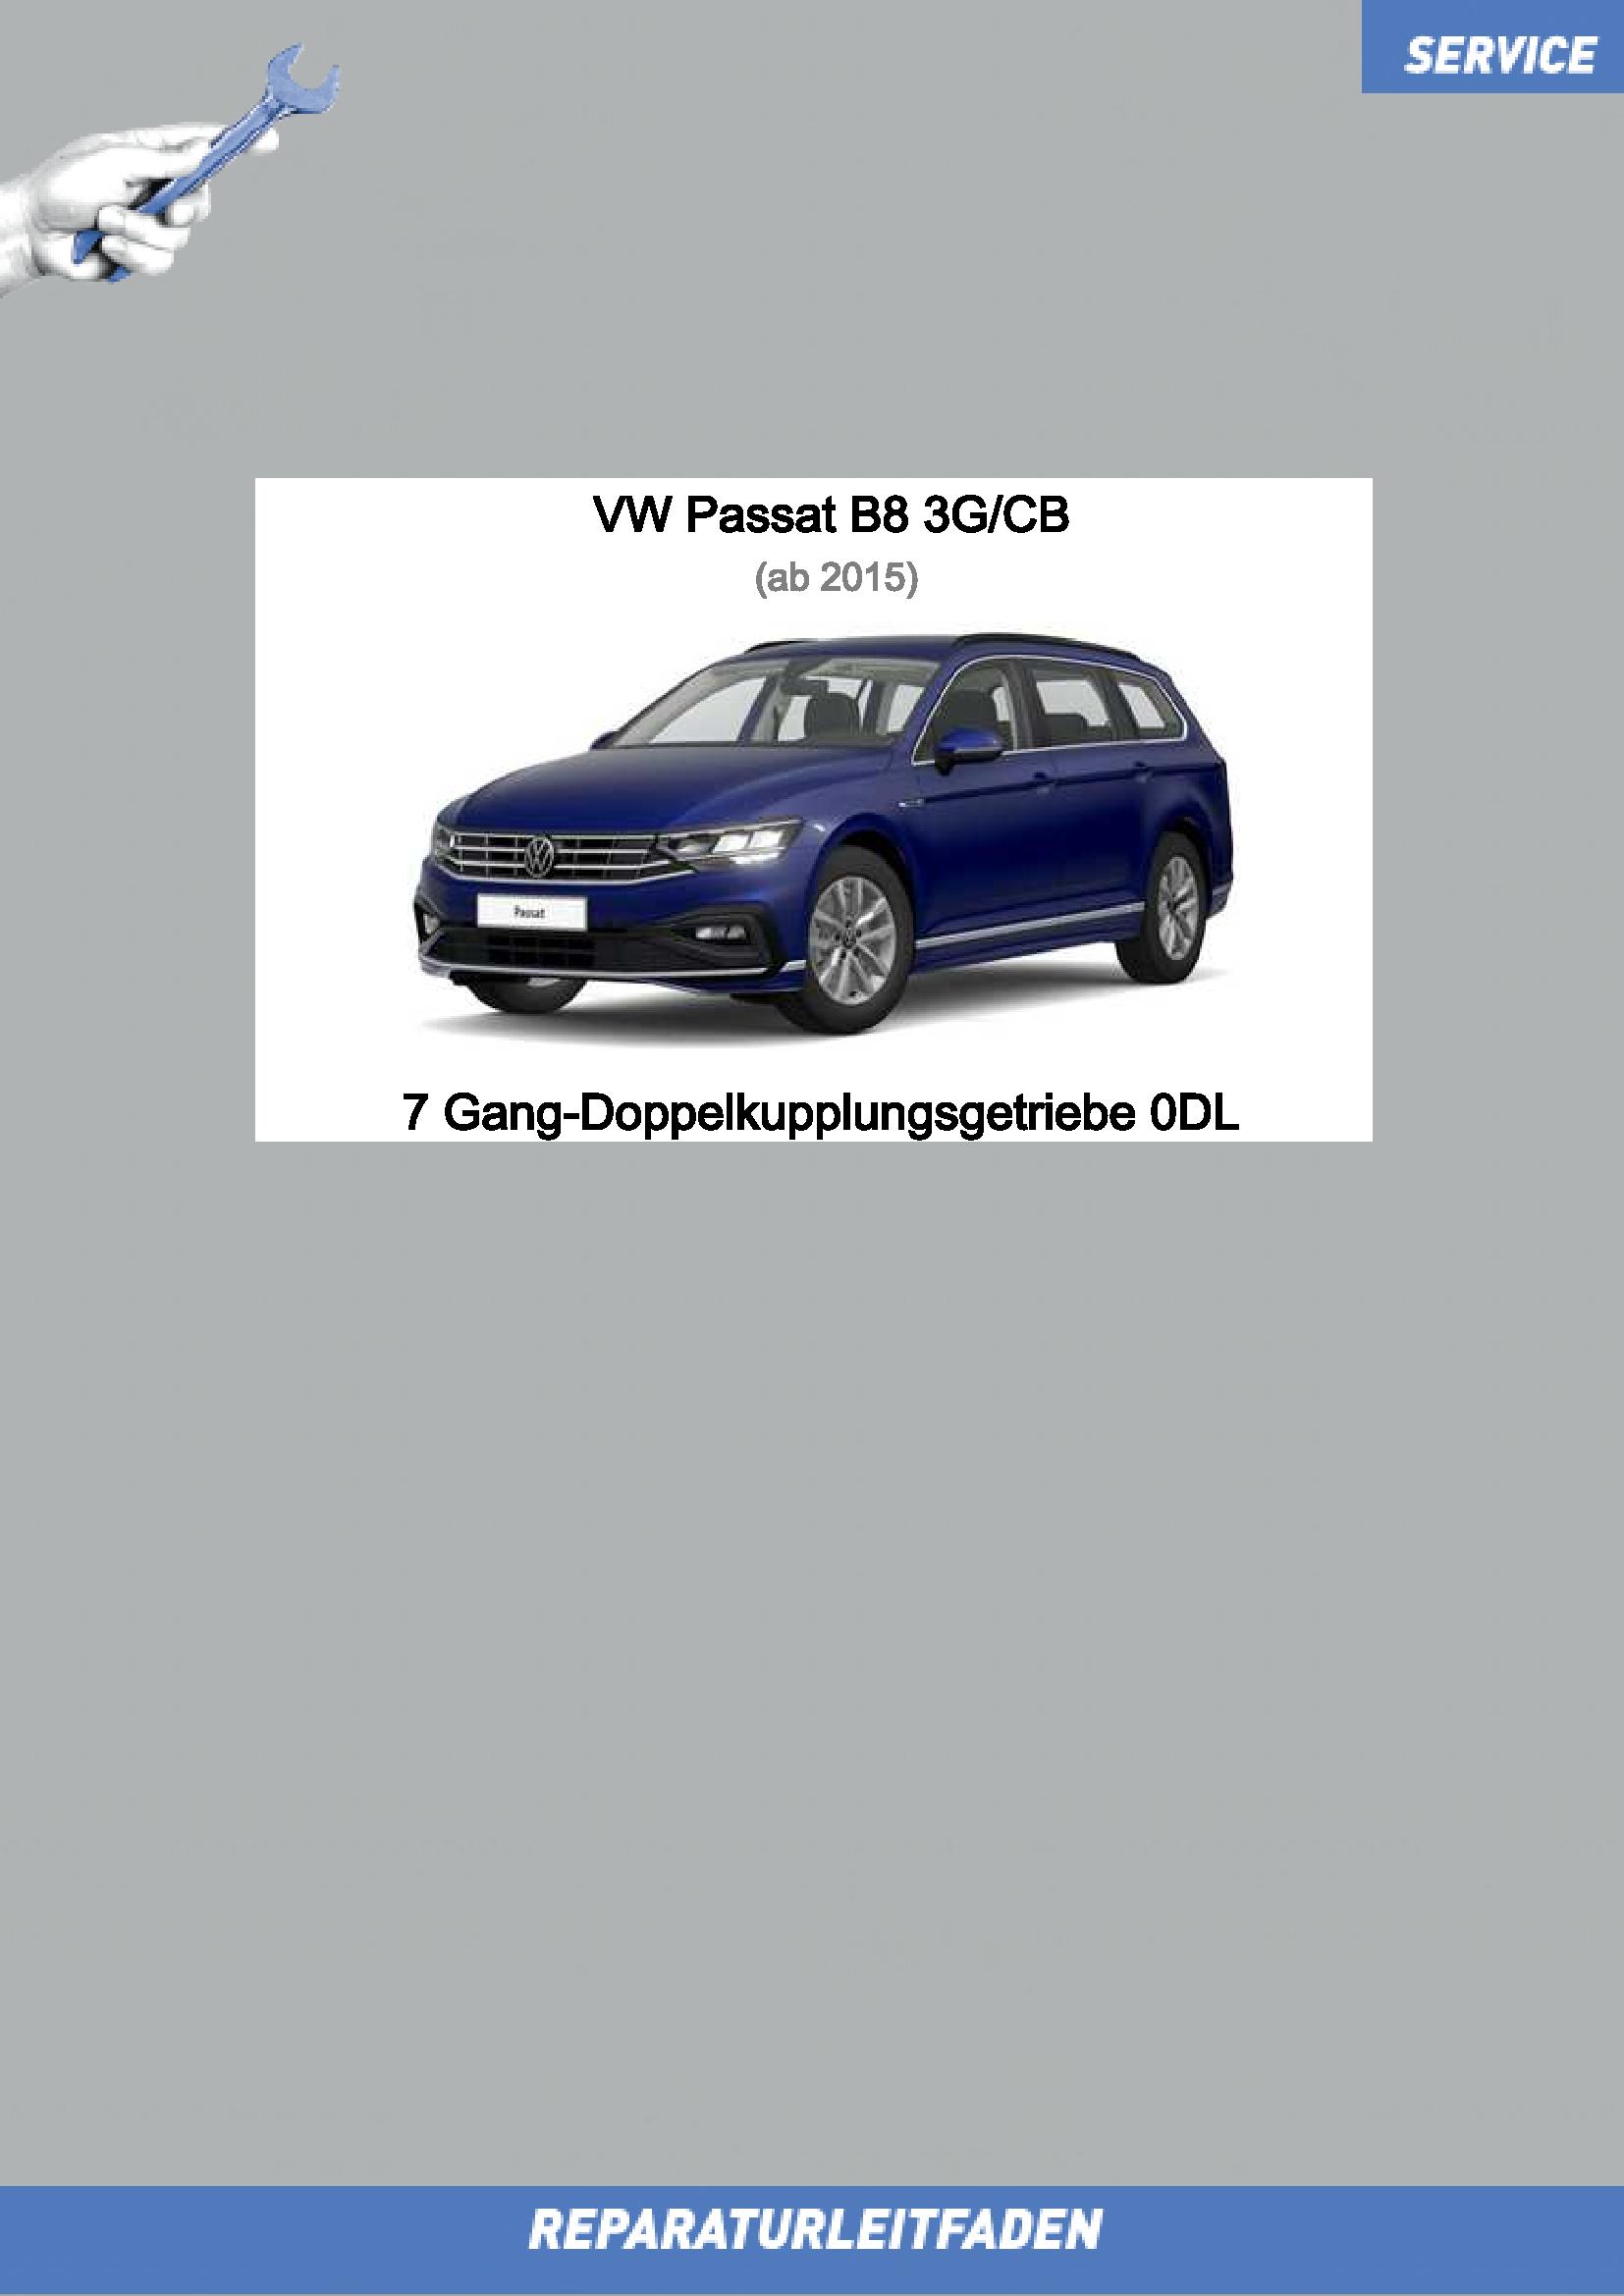 vw-passat-3g-0009-7_gang-doppelkupplungsgetriebe_0dl_1.png